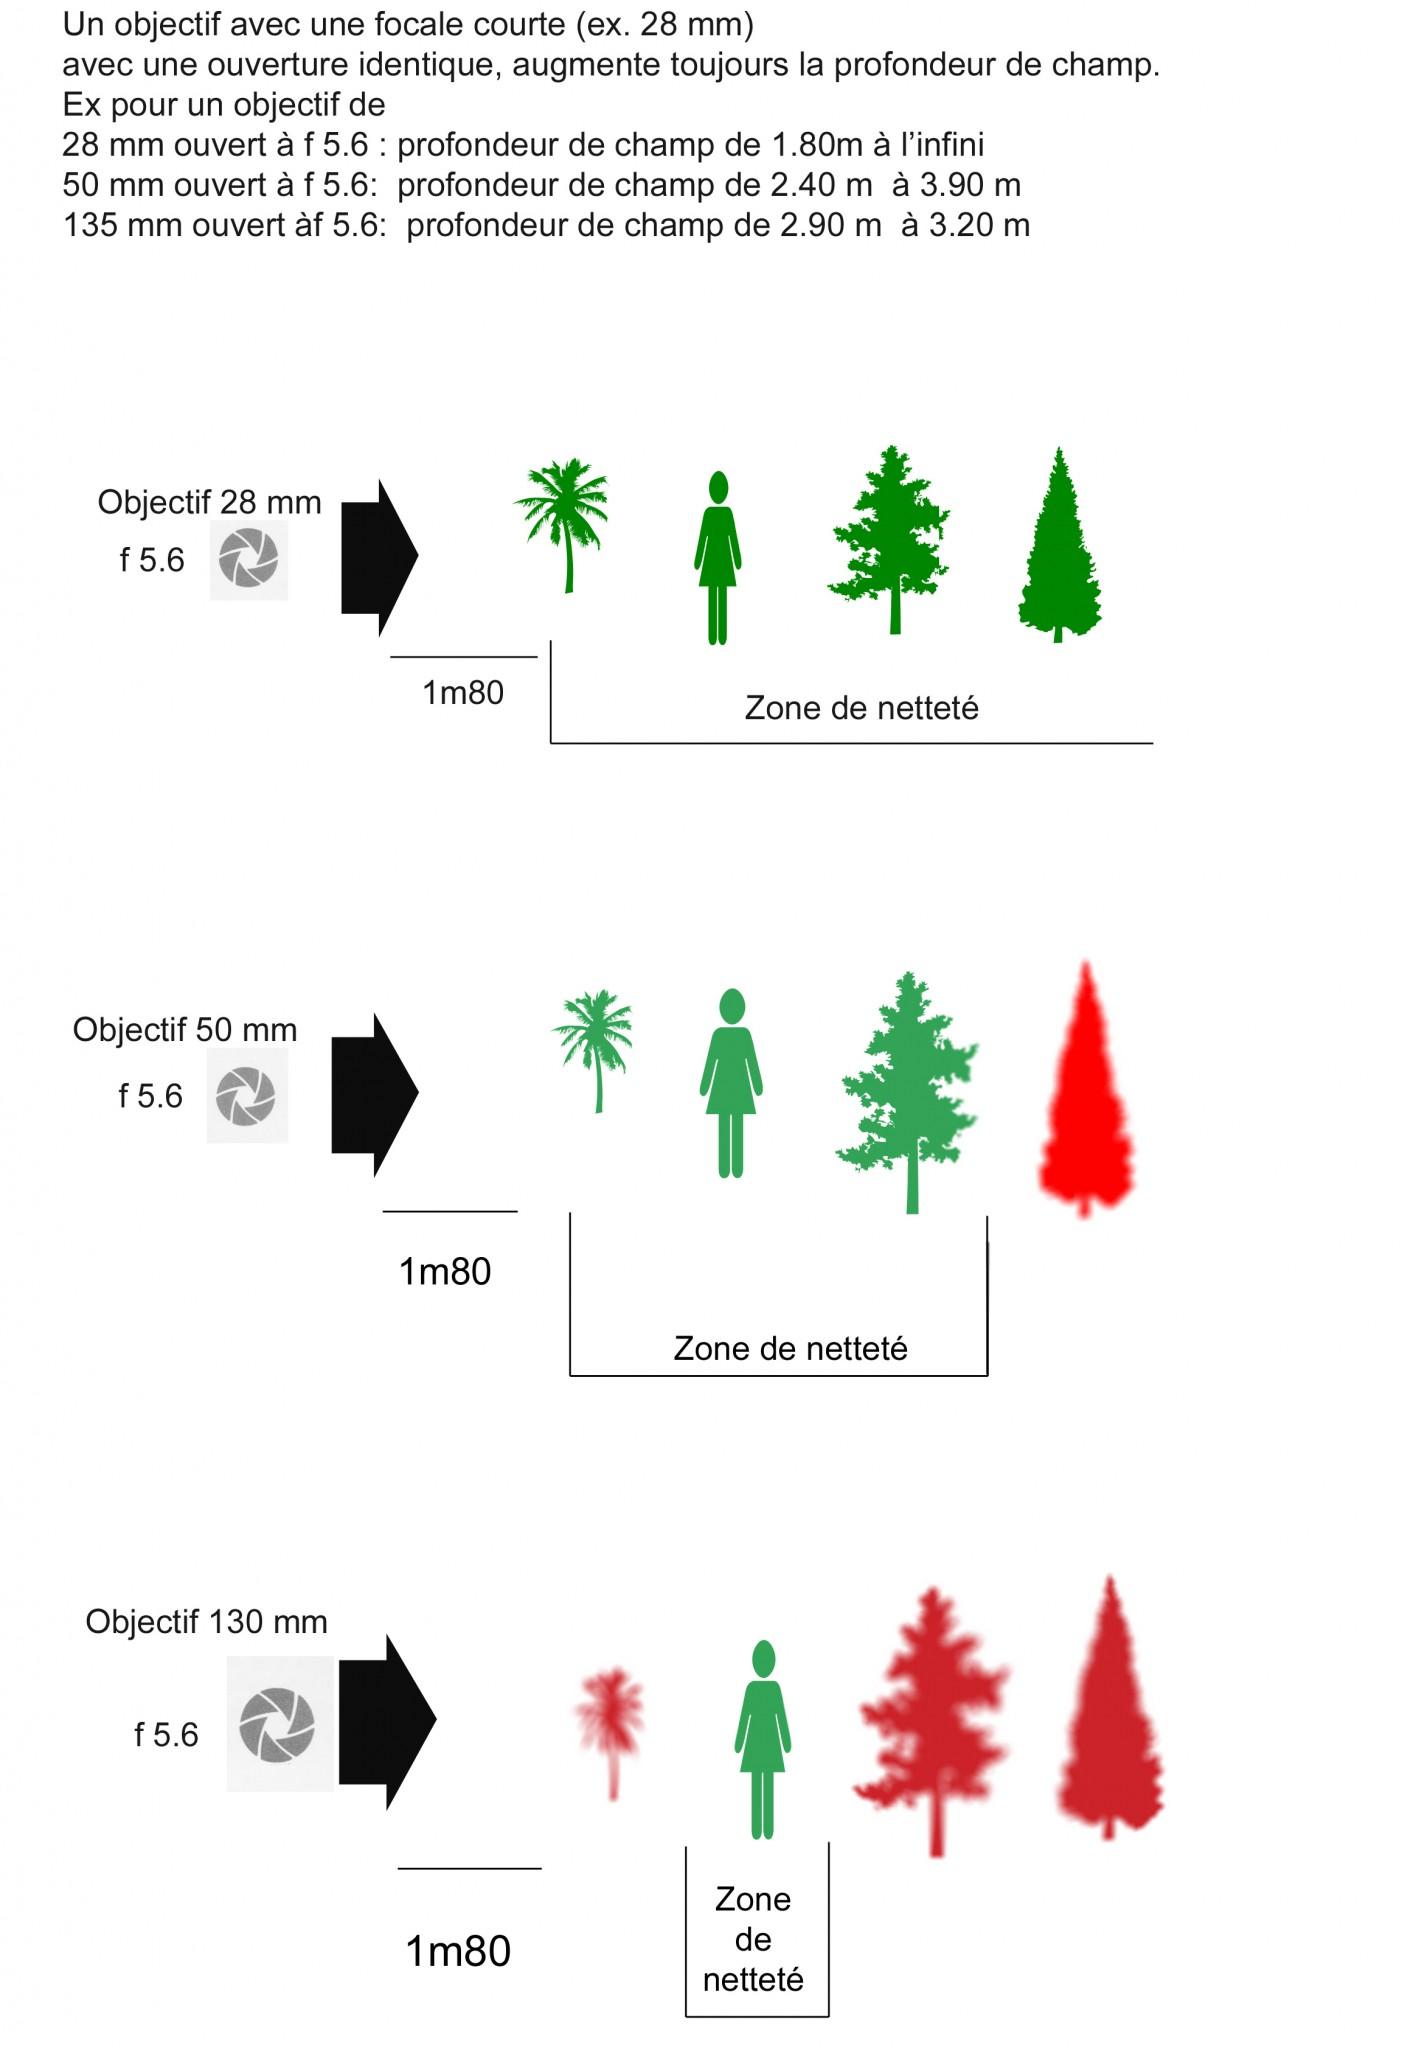 Objectif et profondeur de champ JPEG